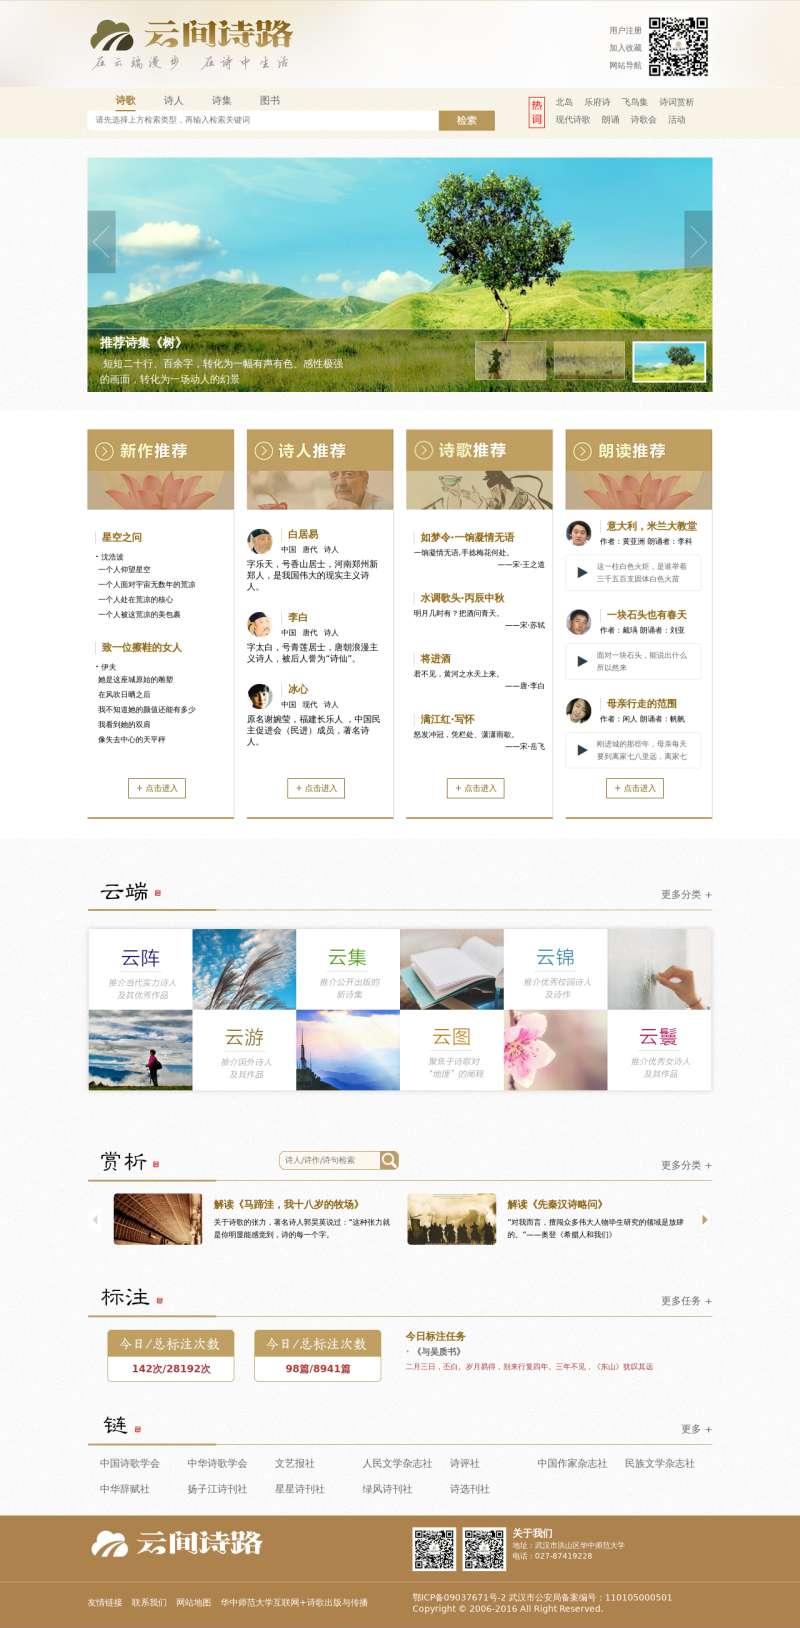 文学艺术诗歌网站静态模板